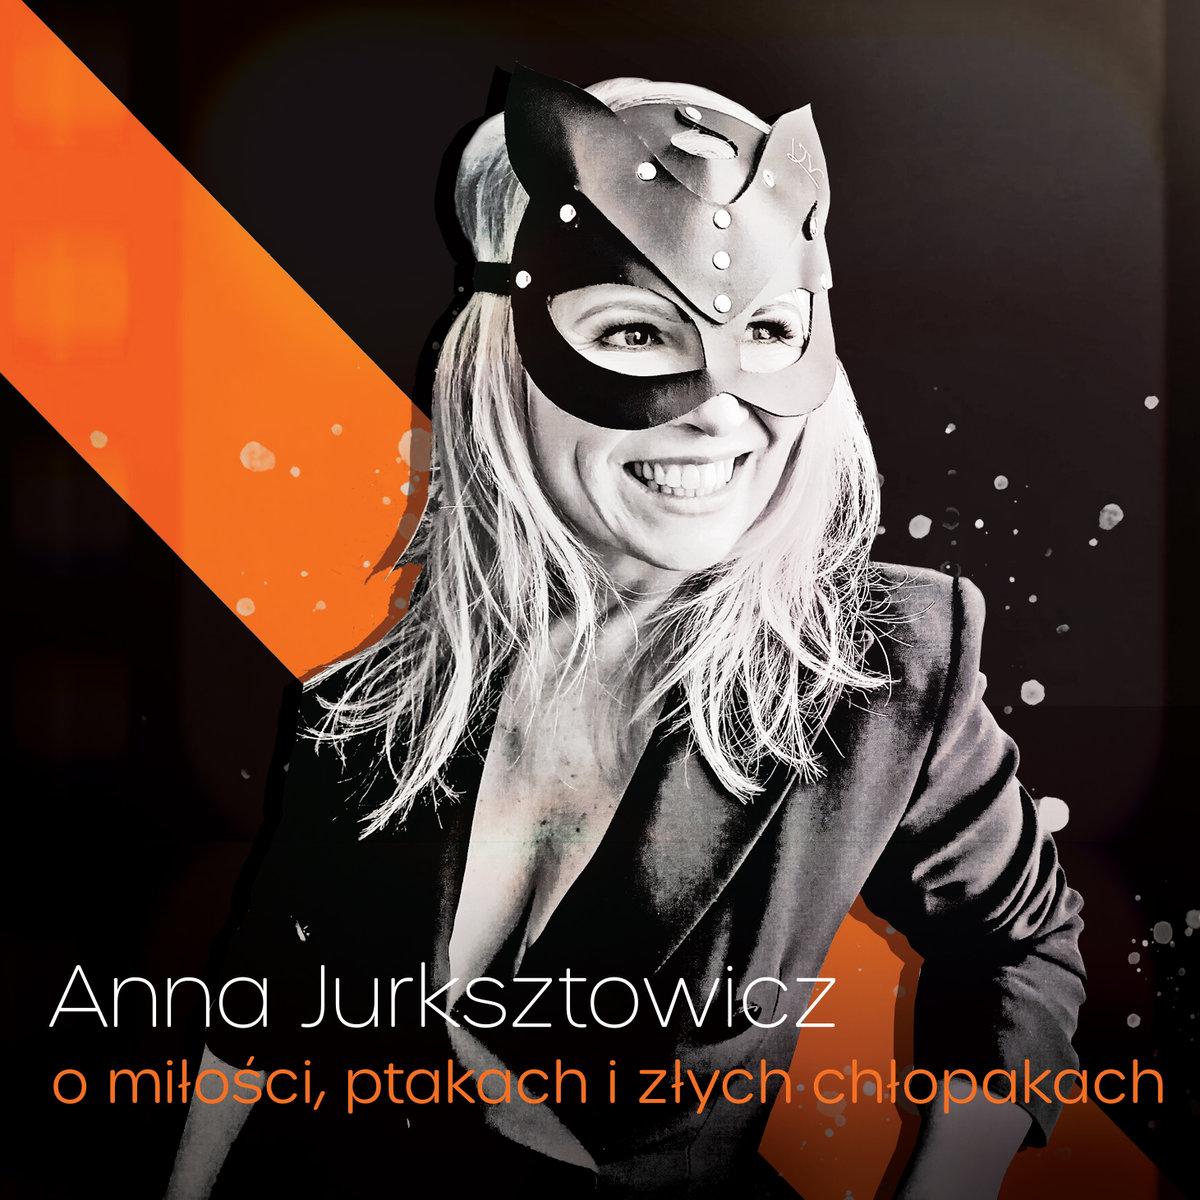 Anna Jurksztowicz-O miłości, ptakach i złych chłopakach